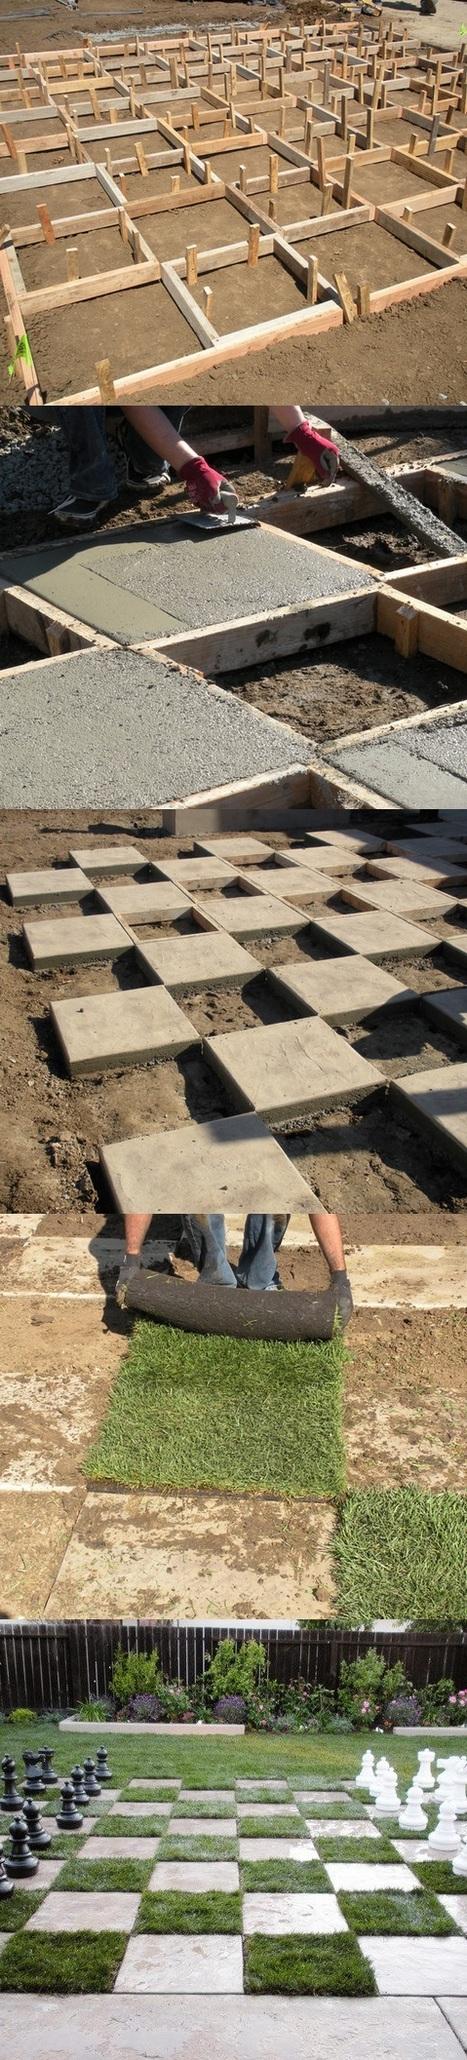 Giant Chess Board | Backyard Gardening | Scoop.it